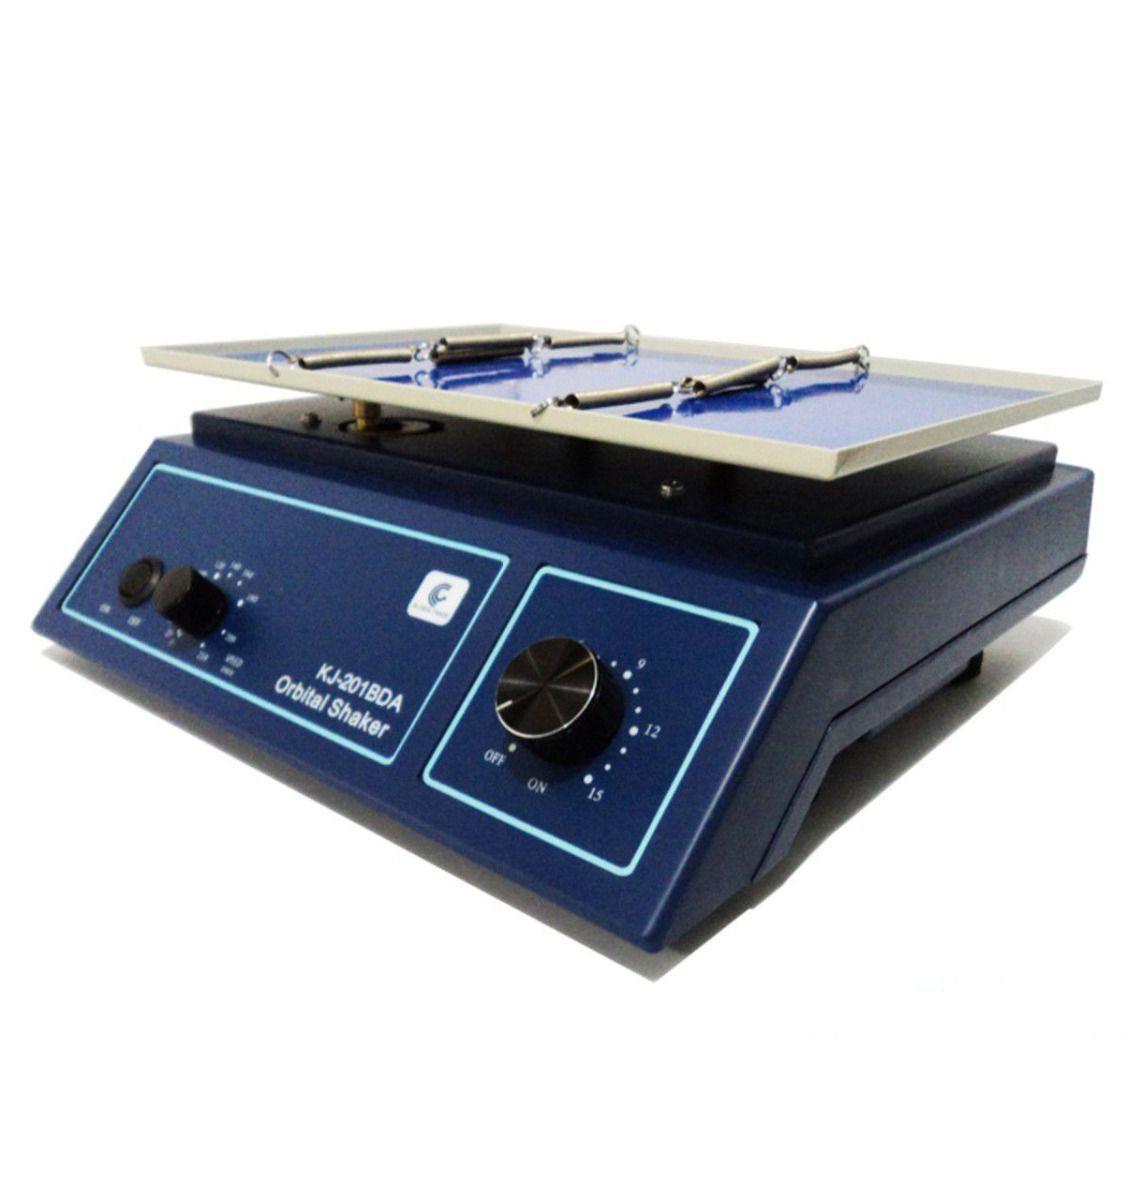 AGITADOR TIPO KLINE COM 2 PRESILHAS PLATAFORMA 22X15CM  VELOCIDADE 0-230 RPM REF KJ-201BSA